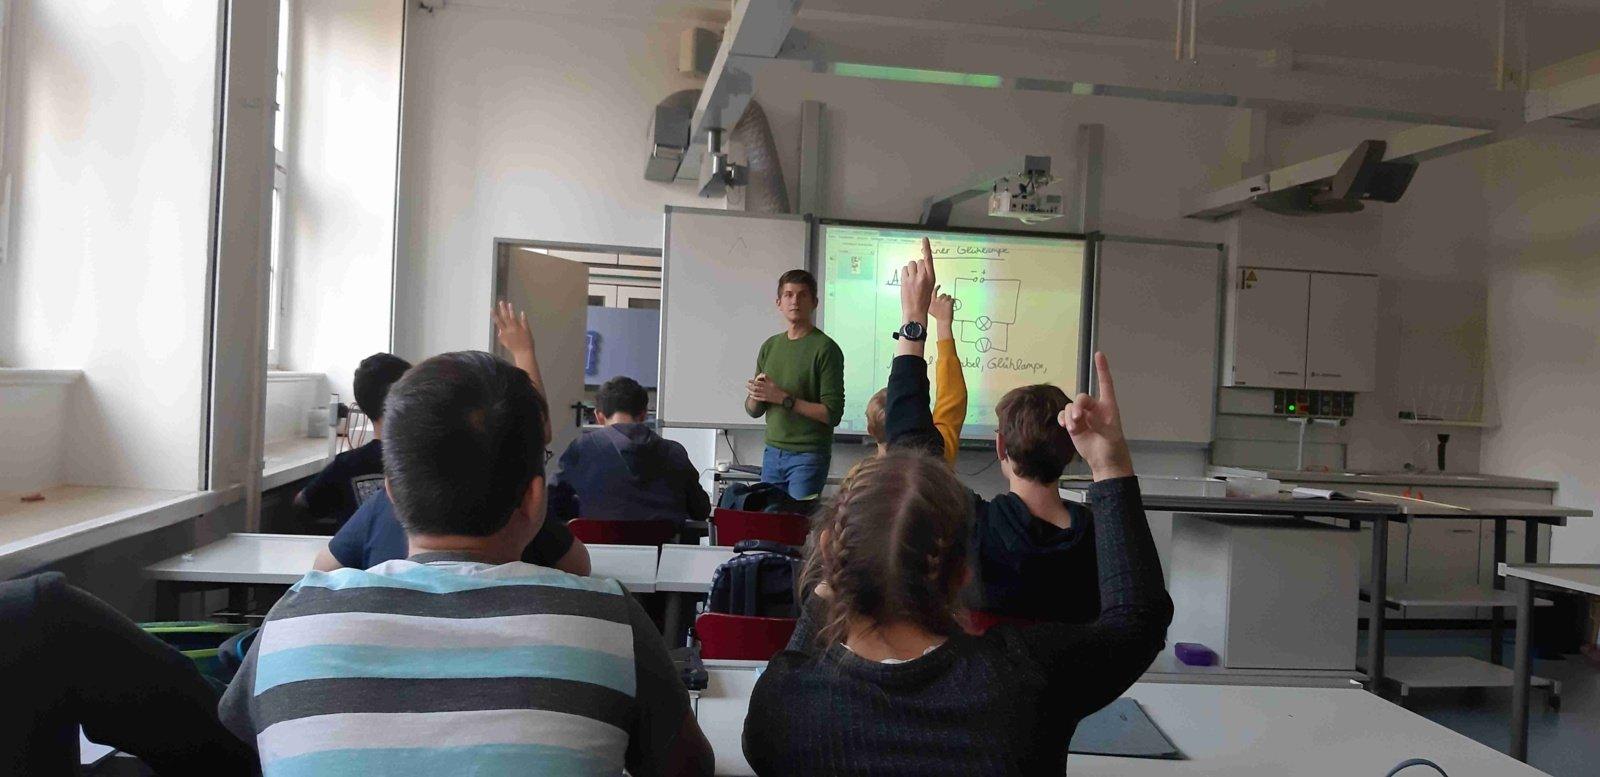 Šiaulių sanatorinė mokykla: tarptautinė patirtis padeda kurti gražesnę ateitį specialiųjų poreikių turintiems vaikams